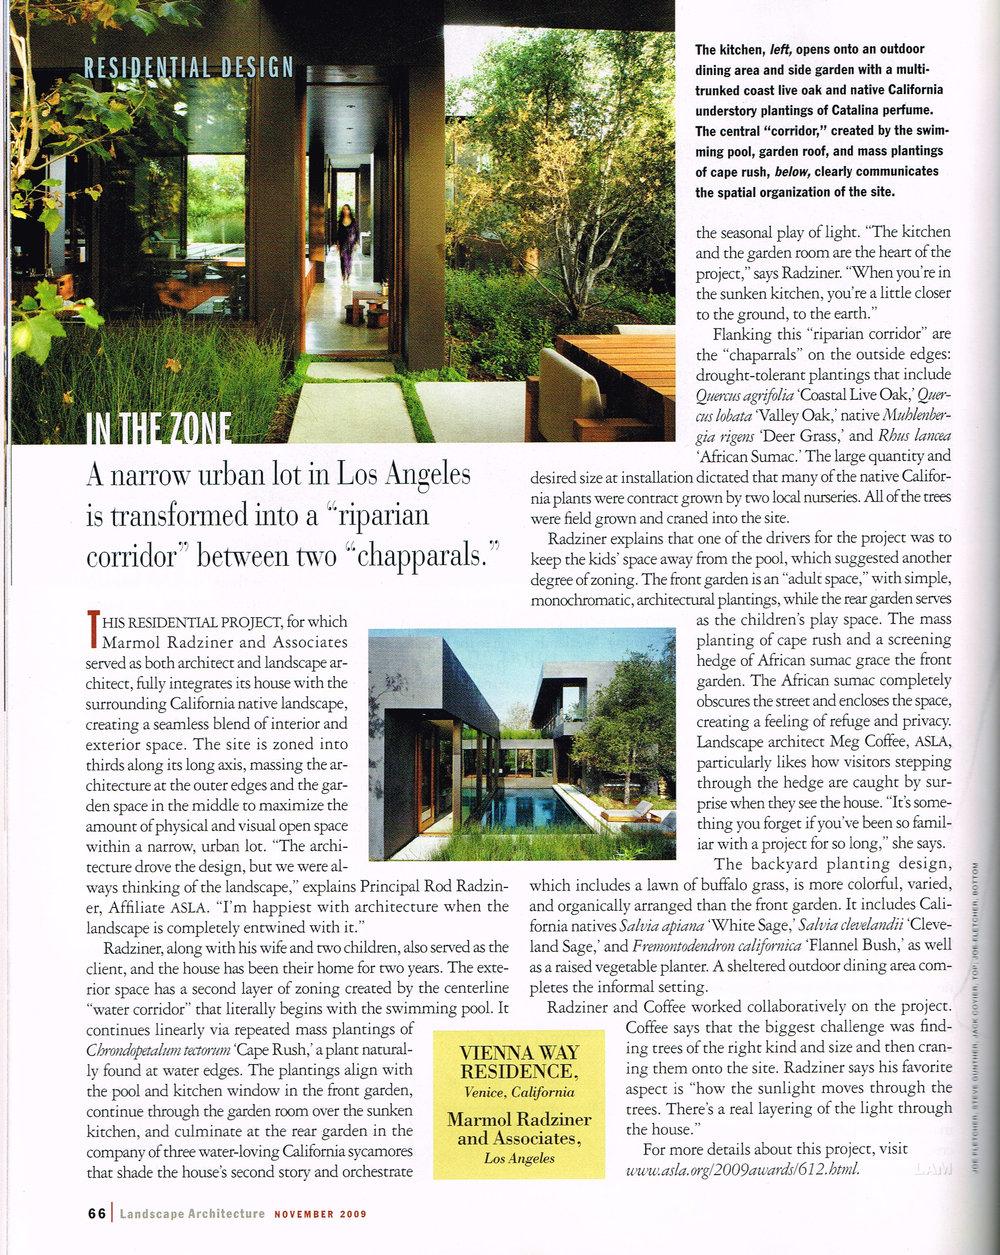 Landscape Architecture Magazine - Nov 2009